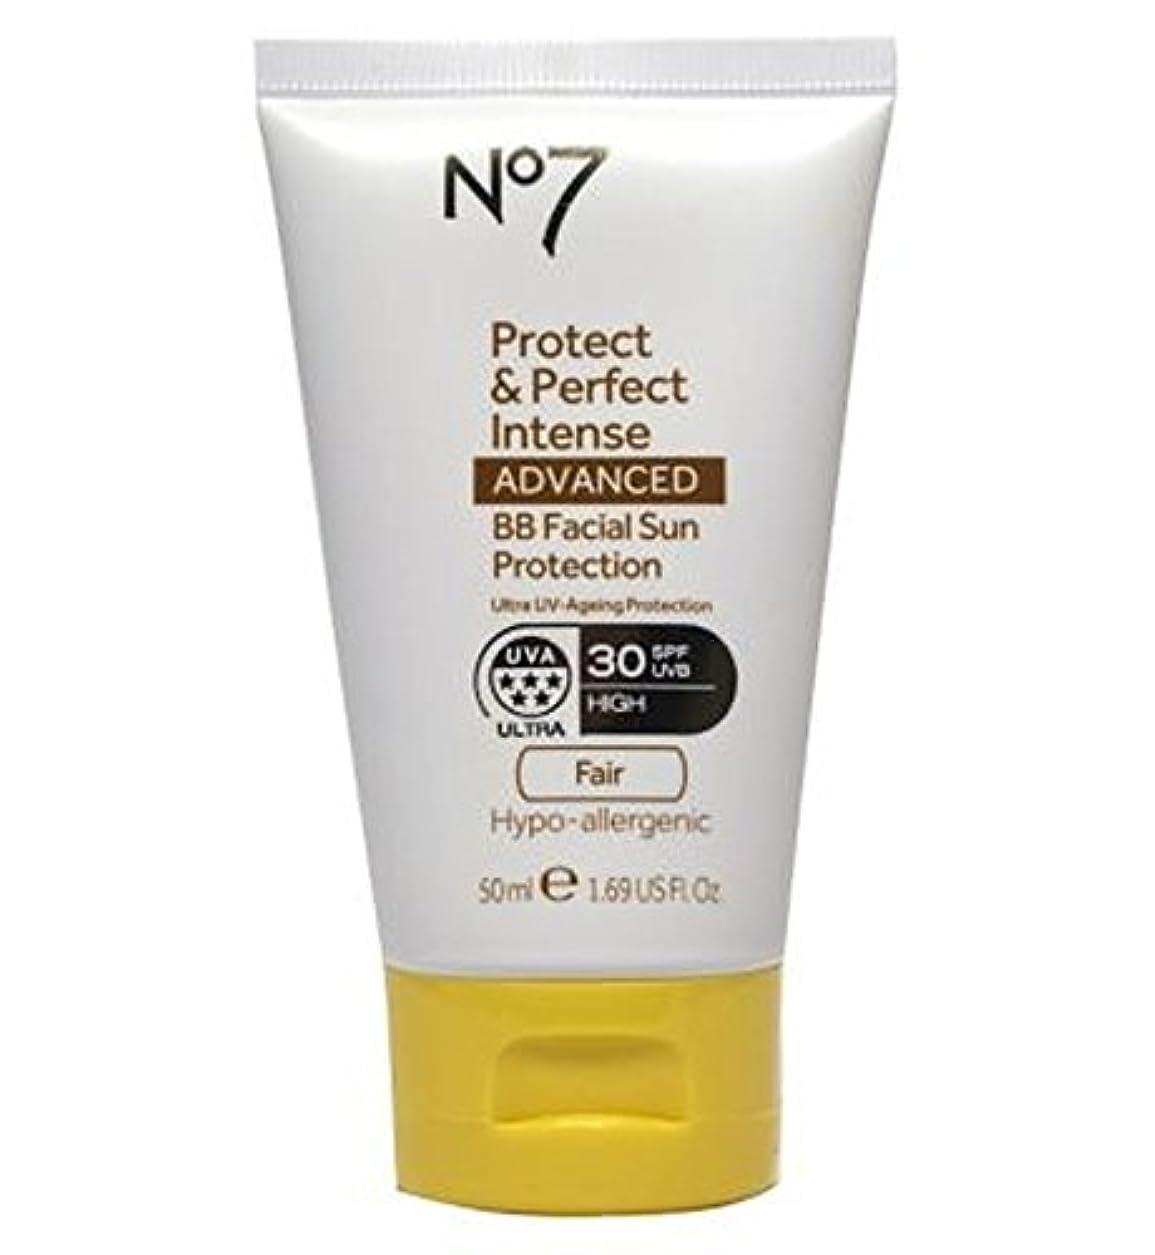 疼痛卑しいマイクロフォンNo7 Protect & Perfect Intense ADVANCED BB Facial Sun Protection SPF30 Light 50ml - No7保護&完璧な強烈な先進Bb顔の日焼け防止Spf30...